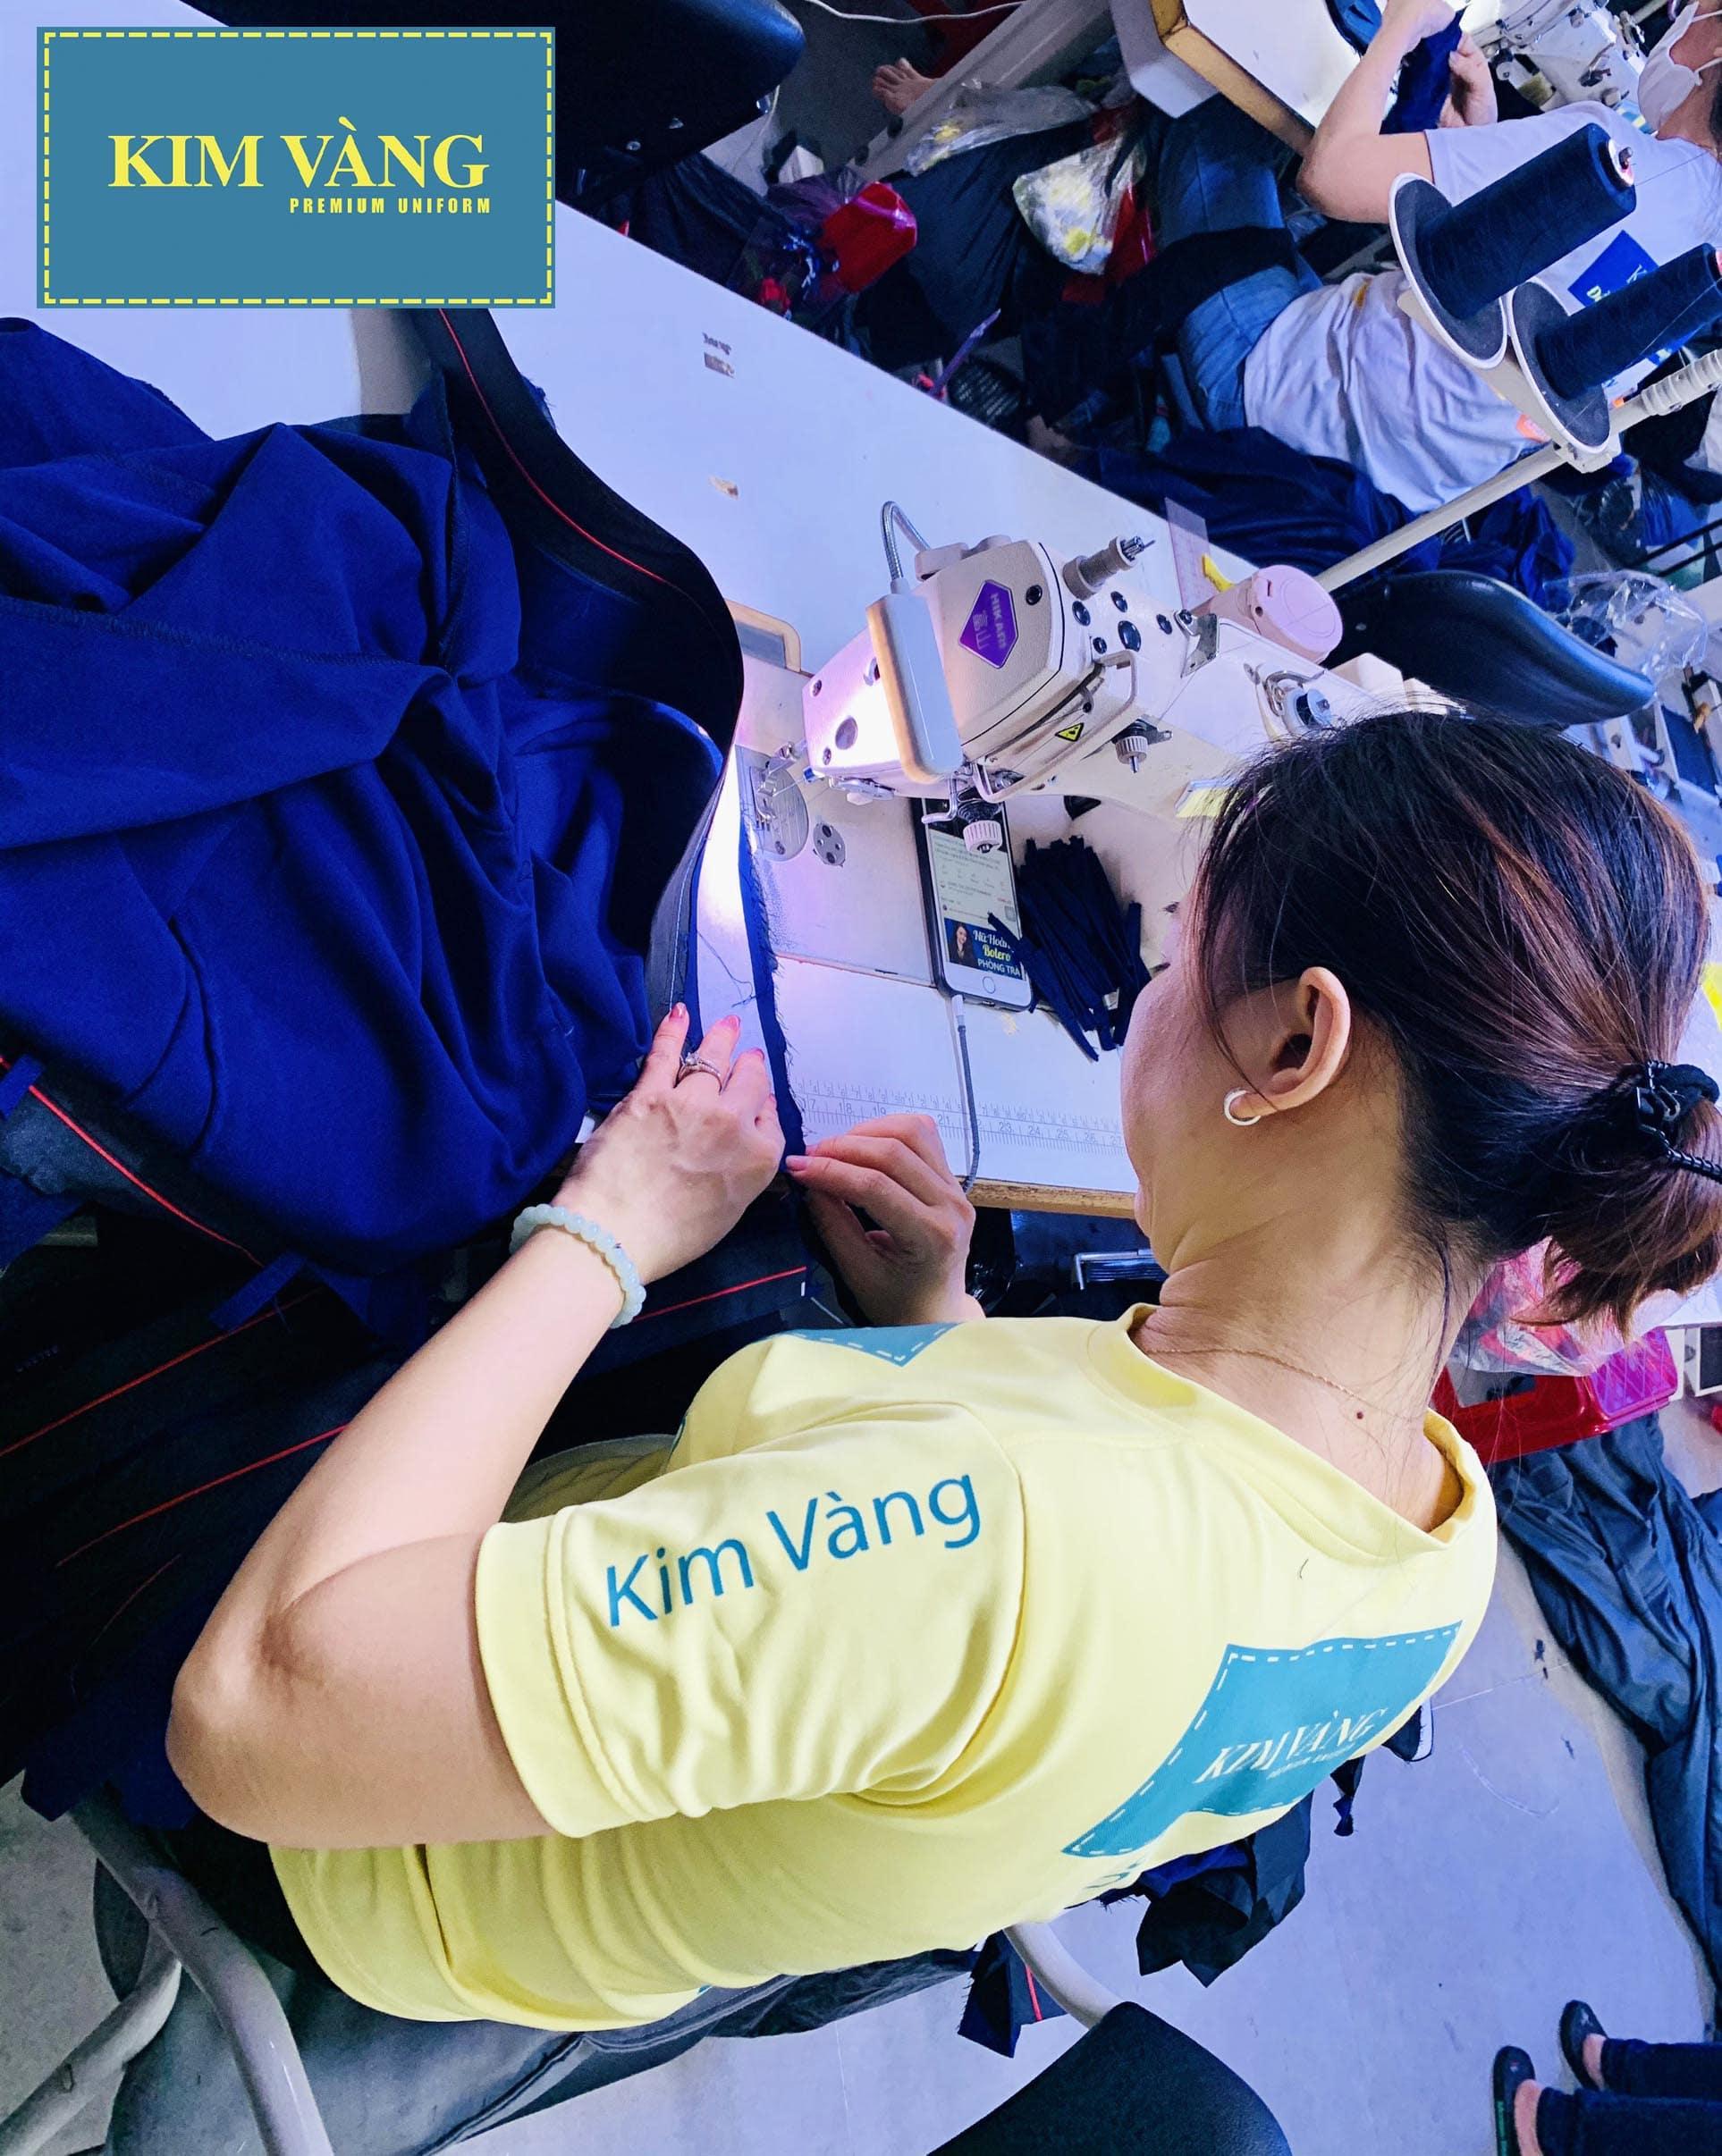 Mua Bán Đồng Phục Áo Thun Giá Rẻ Ở TPHCM